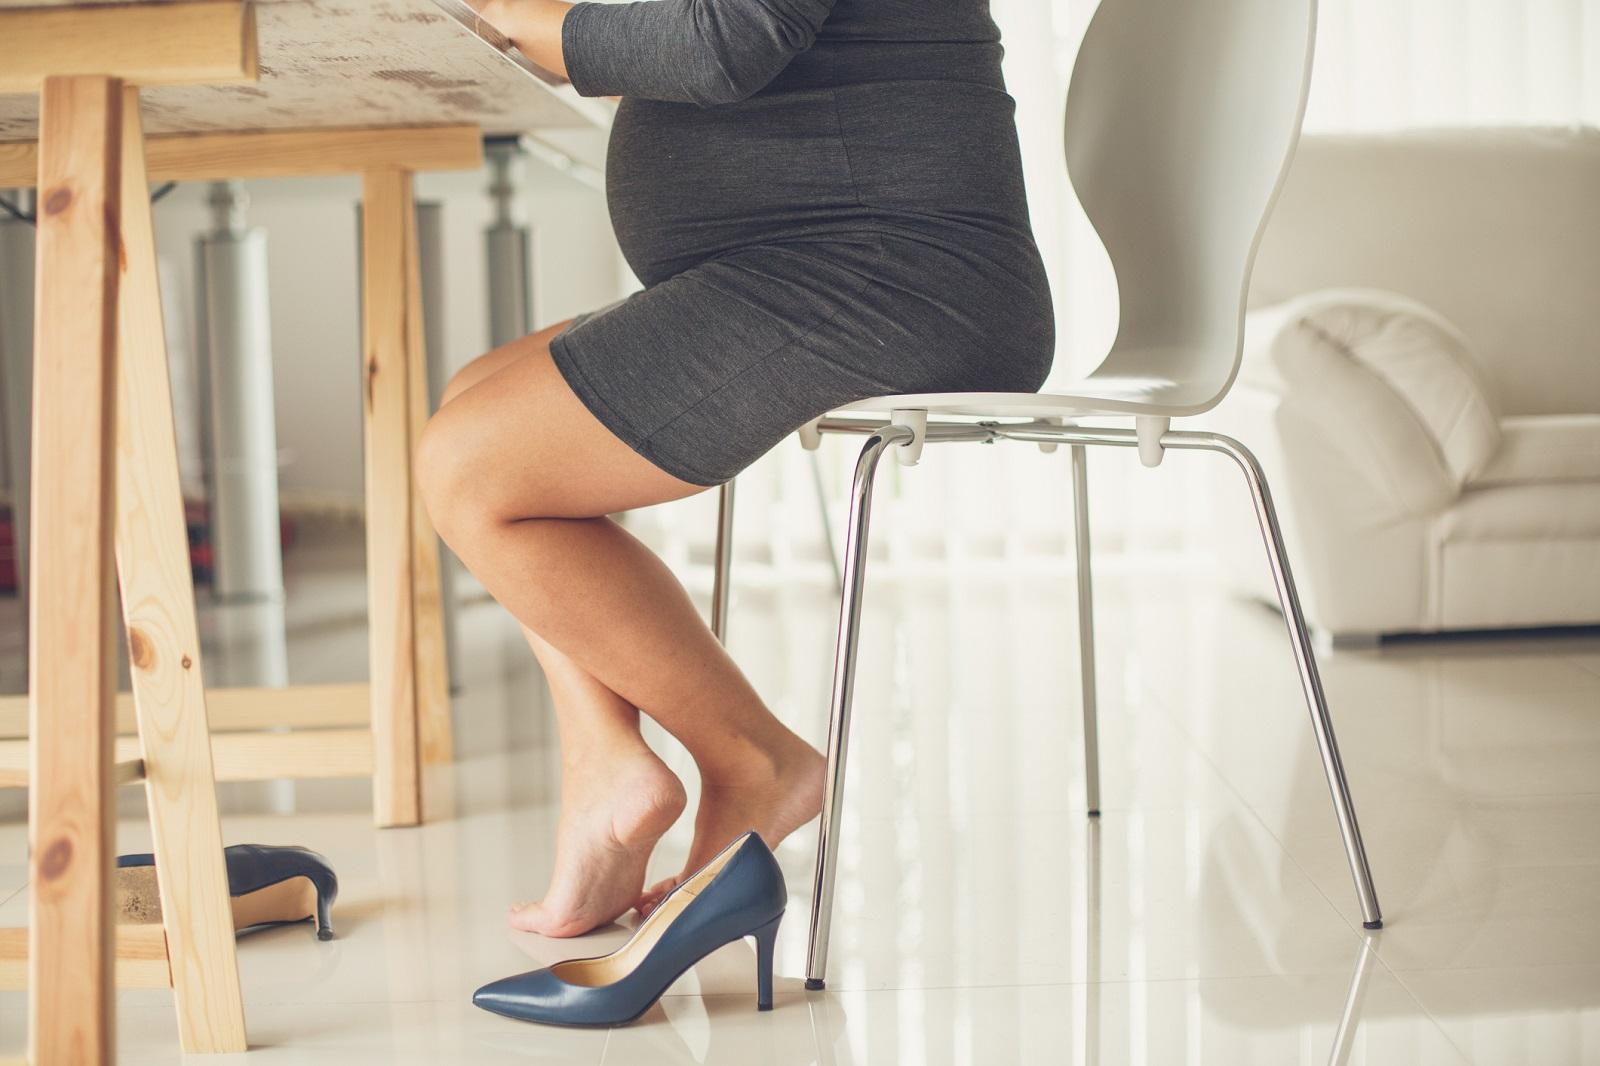 Krankheit dünne beine mann Traumdeutung: Bein,